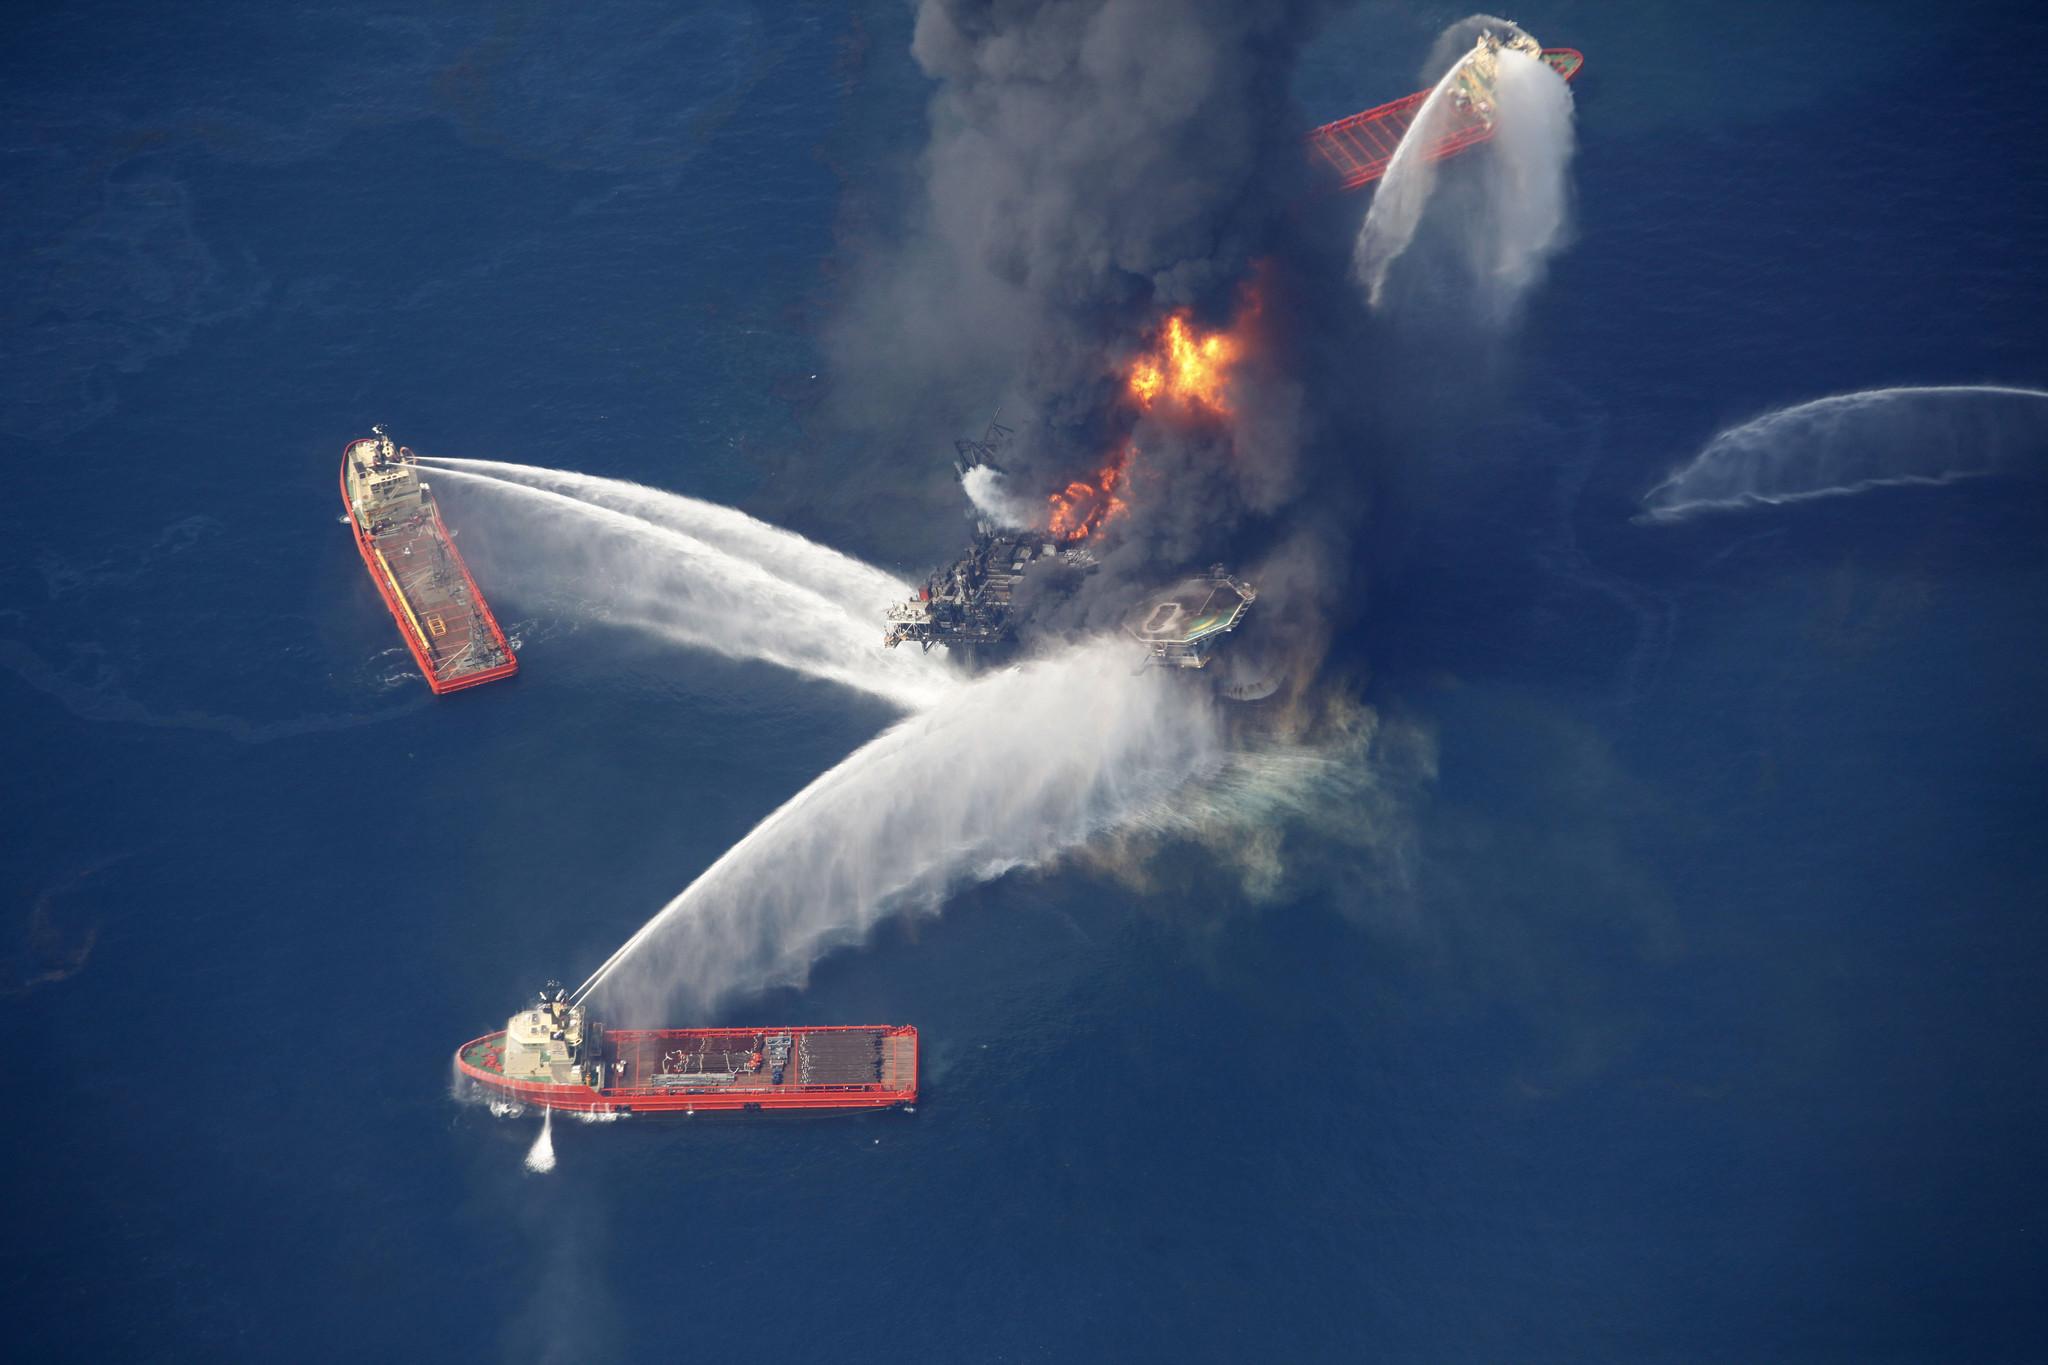 massachusetts court to hear suit against deepwater horizon spill